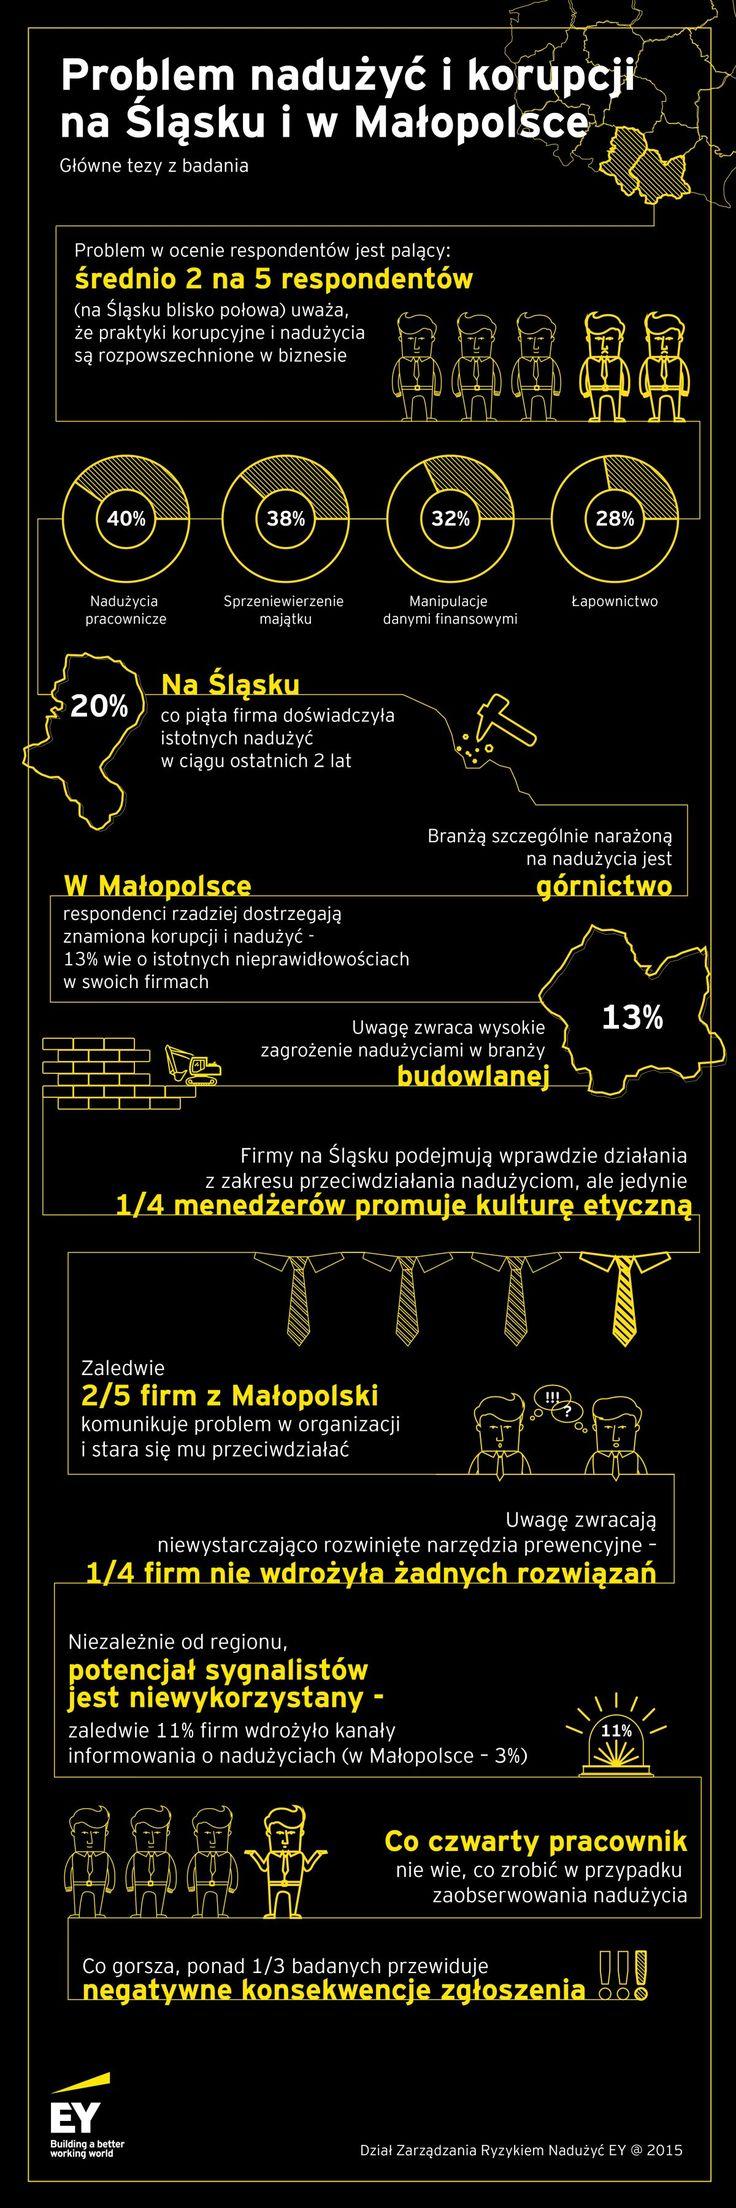 Badanie EY: Problem nadużyć i korupcji w firmach w wybranych regionach Polski.